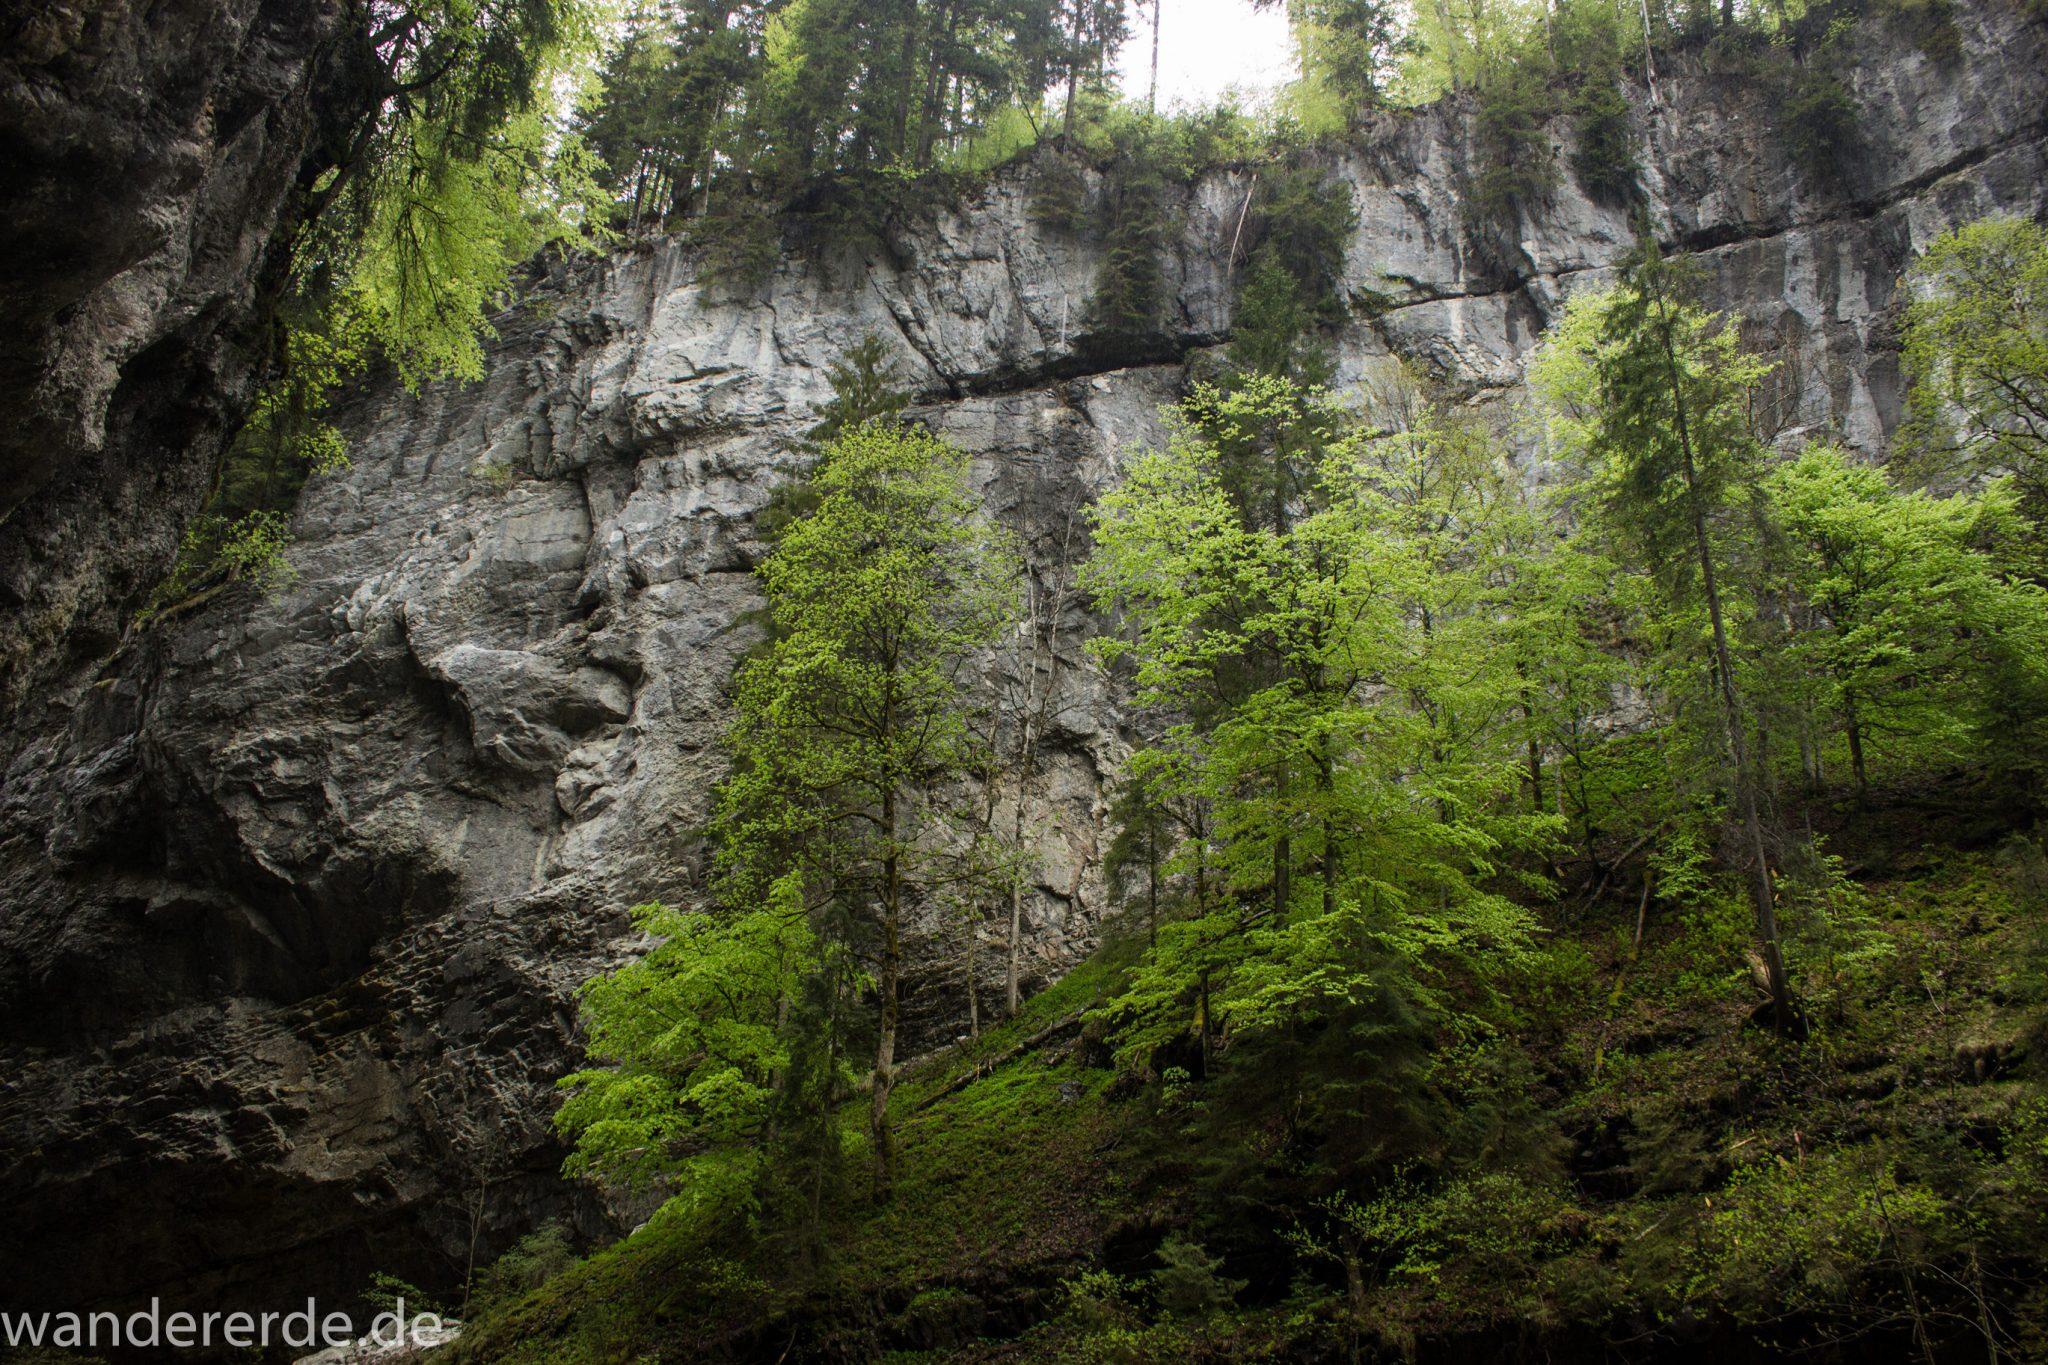 Wanderung durch die Breitachklamm im Allgäu, sehr hohe Felswände, Klamm umgeben von schönem Wald, Felsen im Fluss, Schneeschmelze im Allgäu, Wanderweg durch die Klamm